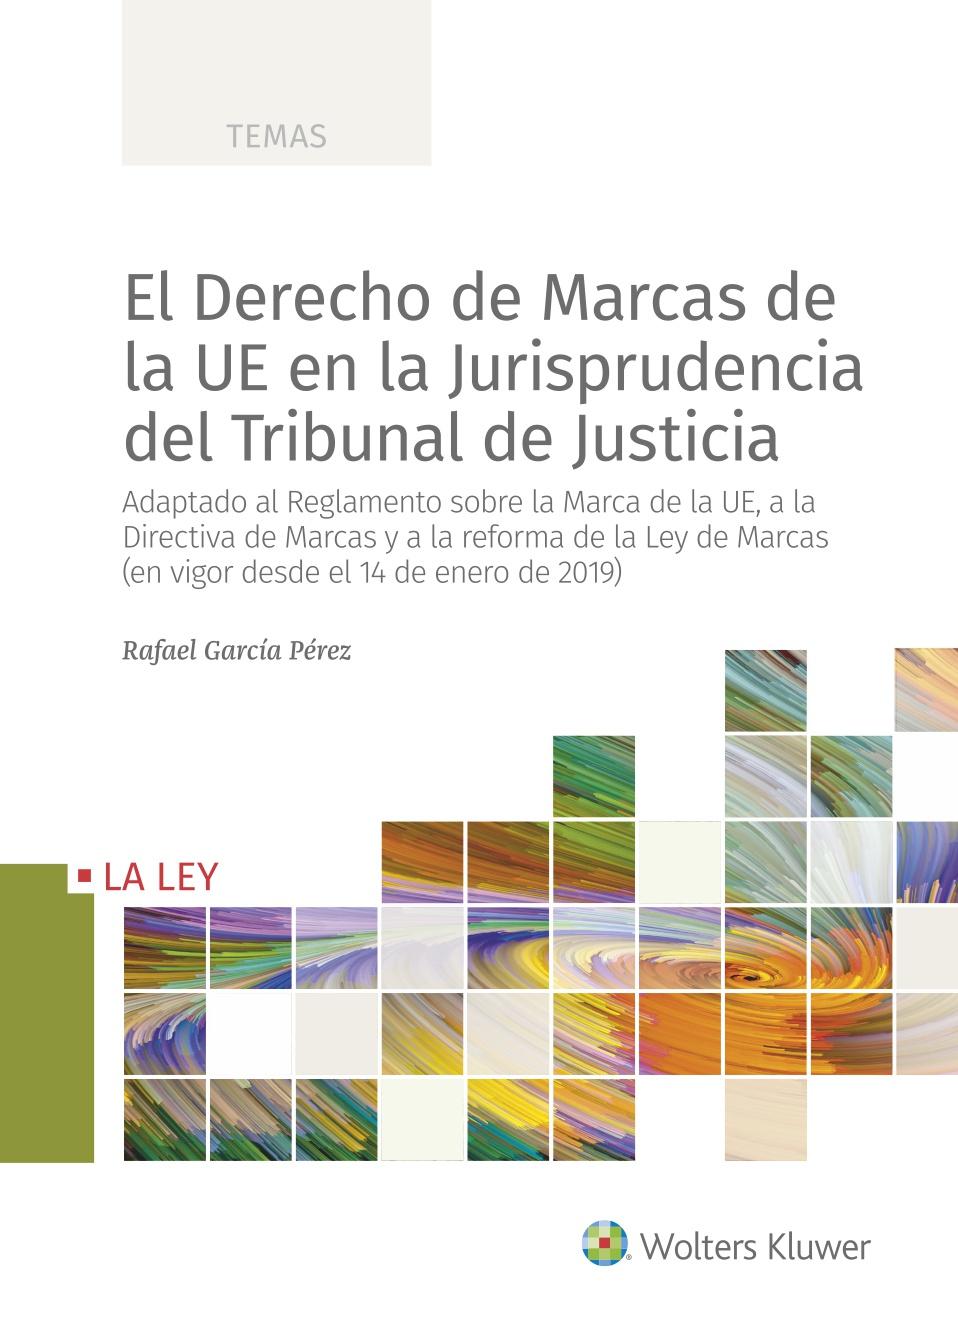 DERECHO DE MARCAS DE LA UE EN JURISPRUDENCIA TRIBUNAL JUSTI